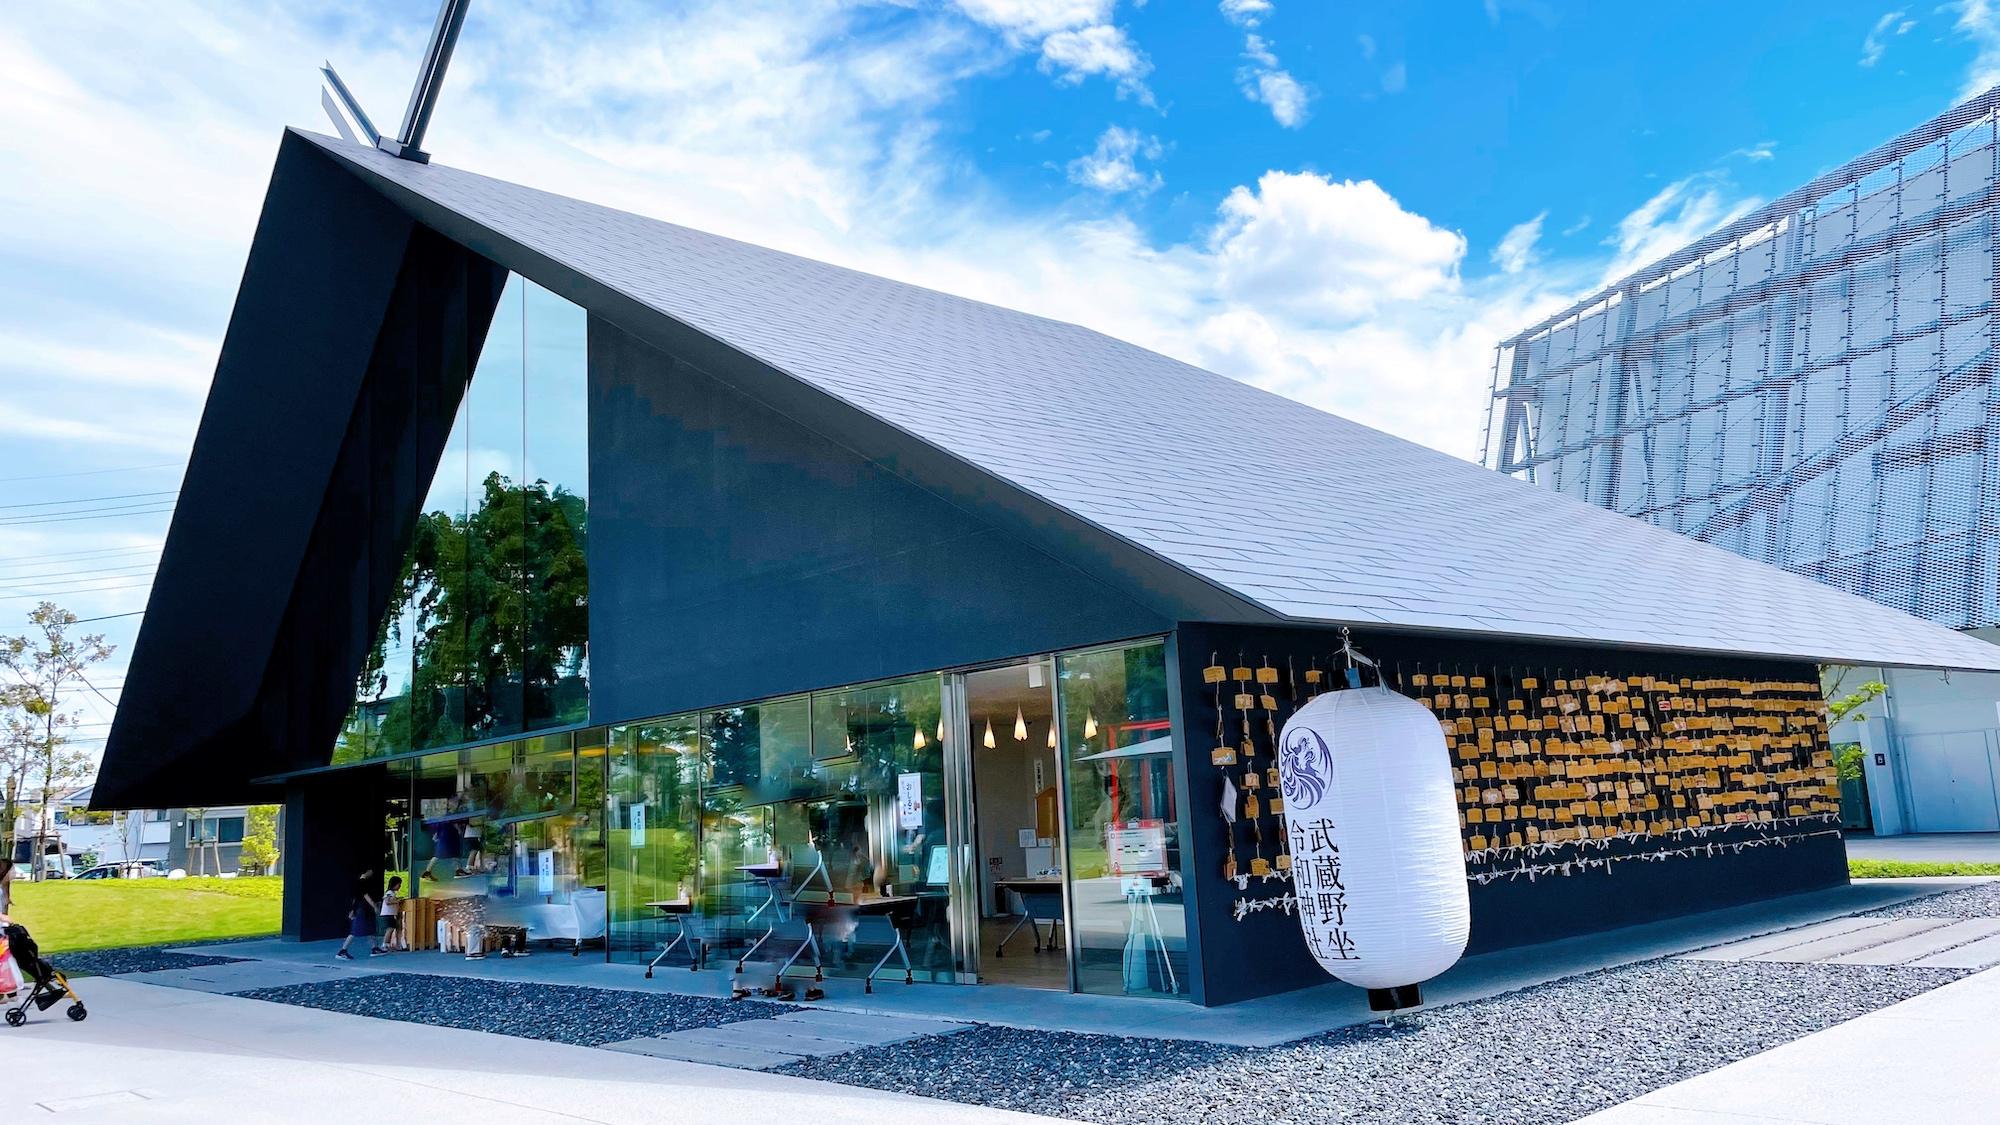 角川武蔵野ミュージアム周辺で、大人も楽しめる観光スポット周遊♪_3